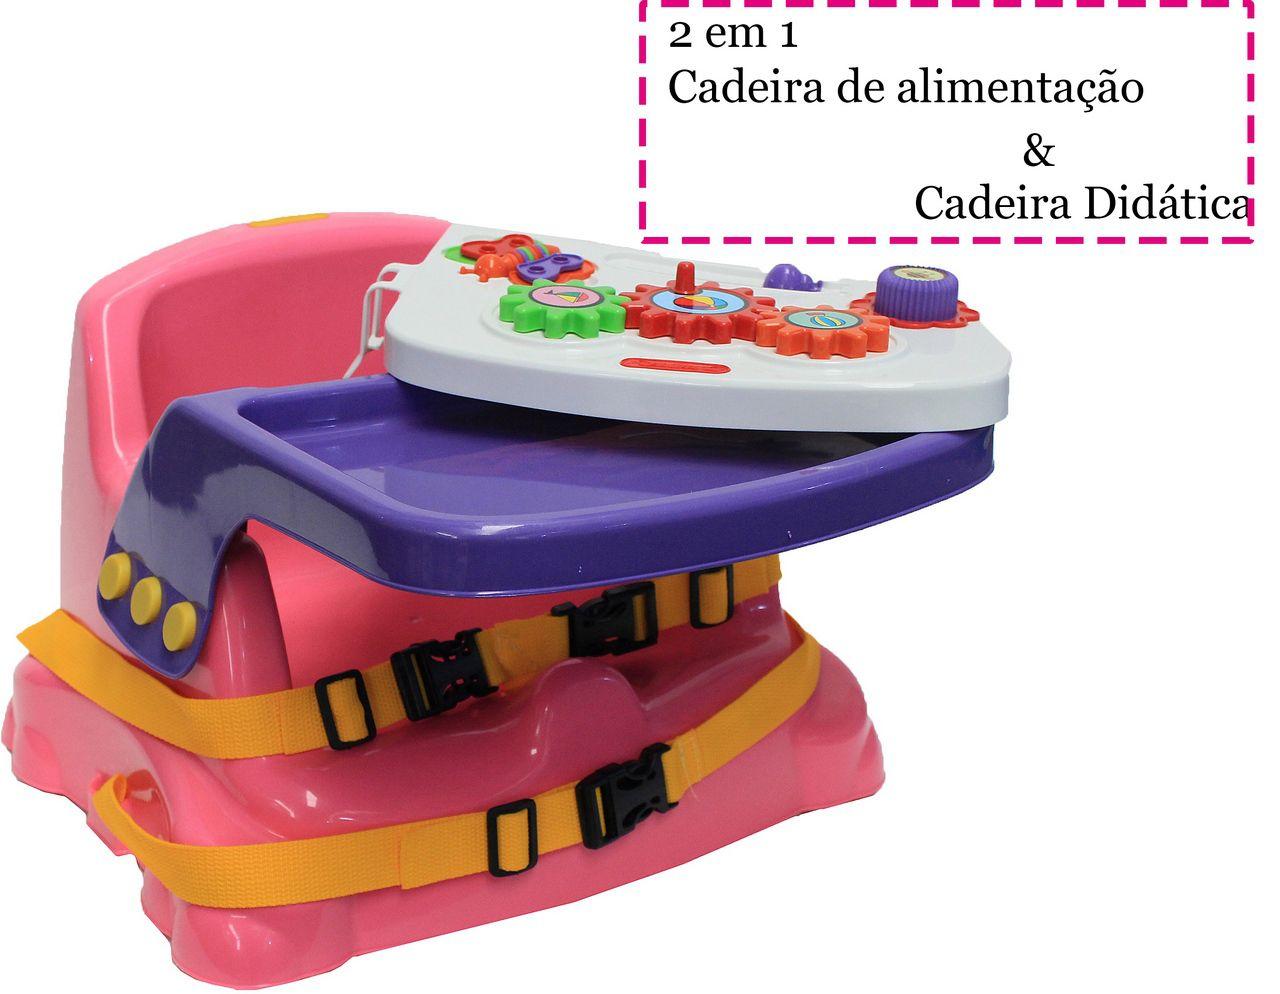 Cadeirinha Mesinha Didática Infantil Rosa Educativa Cinto Mais Proteção Divertido Criança Original Poliplac